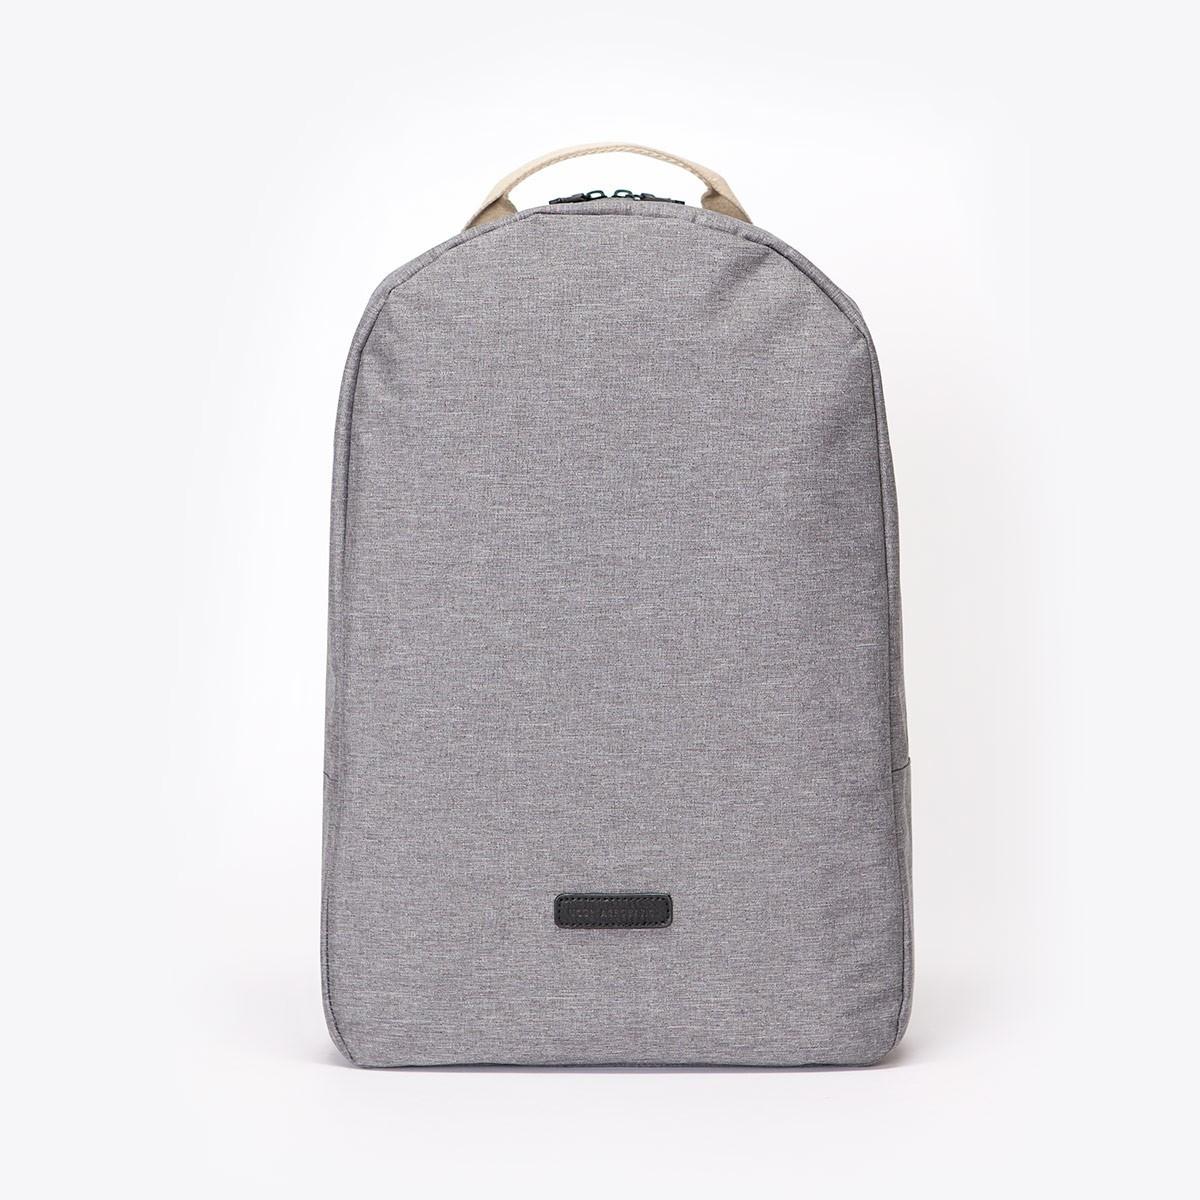 ua_marvin-backpack_slate-series_grey_01.jpg